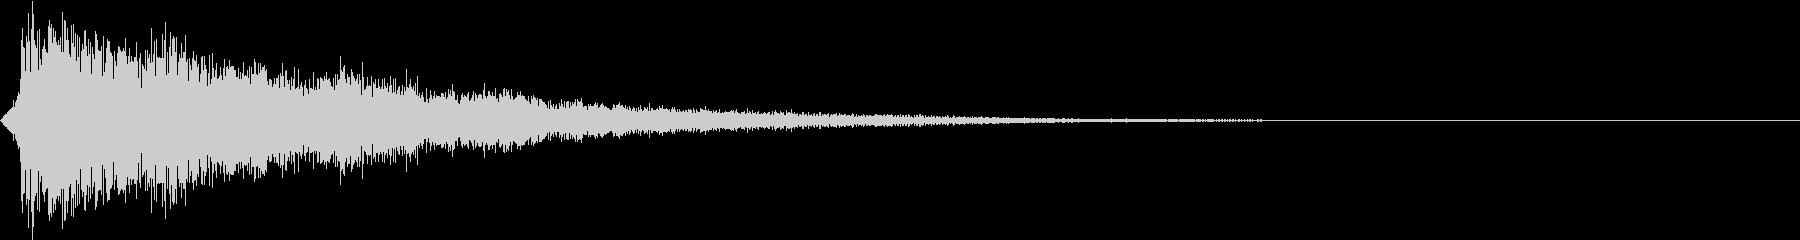 テロップ紹介(ラッパとピアノ:ポワン)の未再生の波形